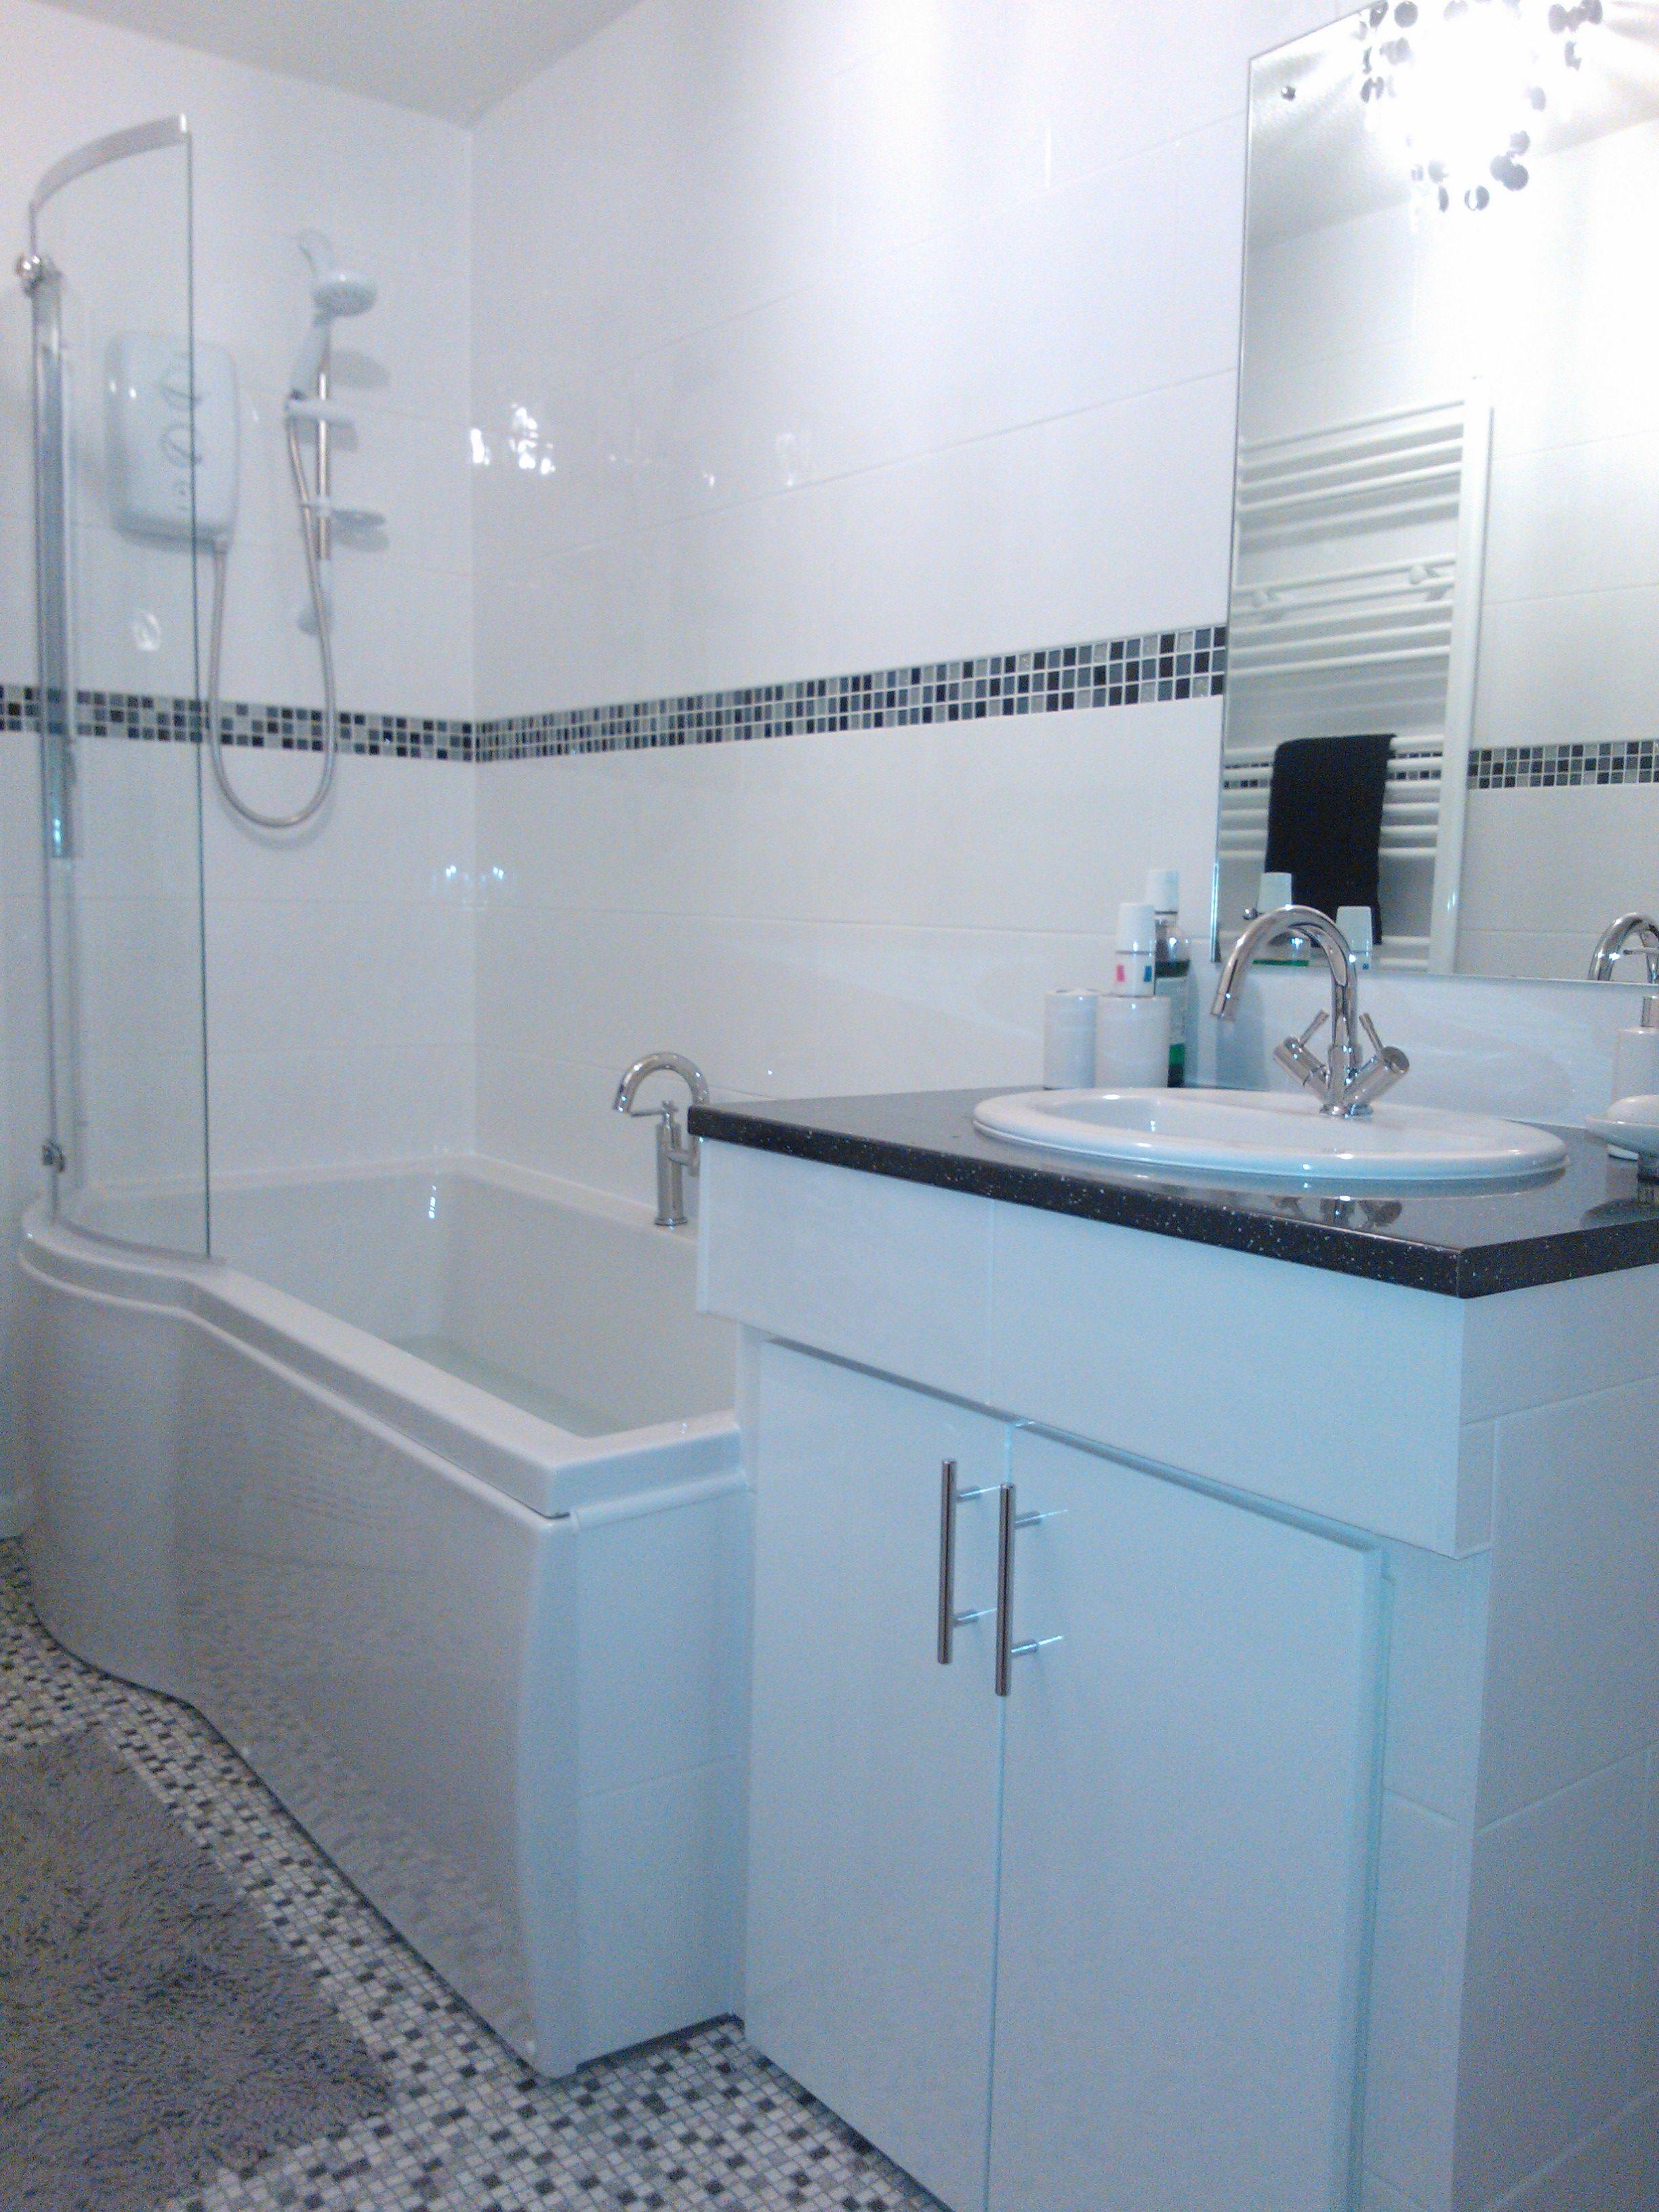 Fancy Bathroom Tile Border Application for Different Usage